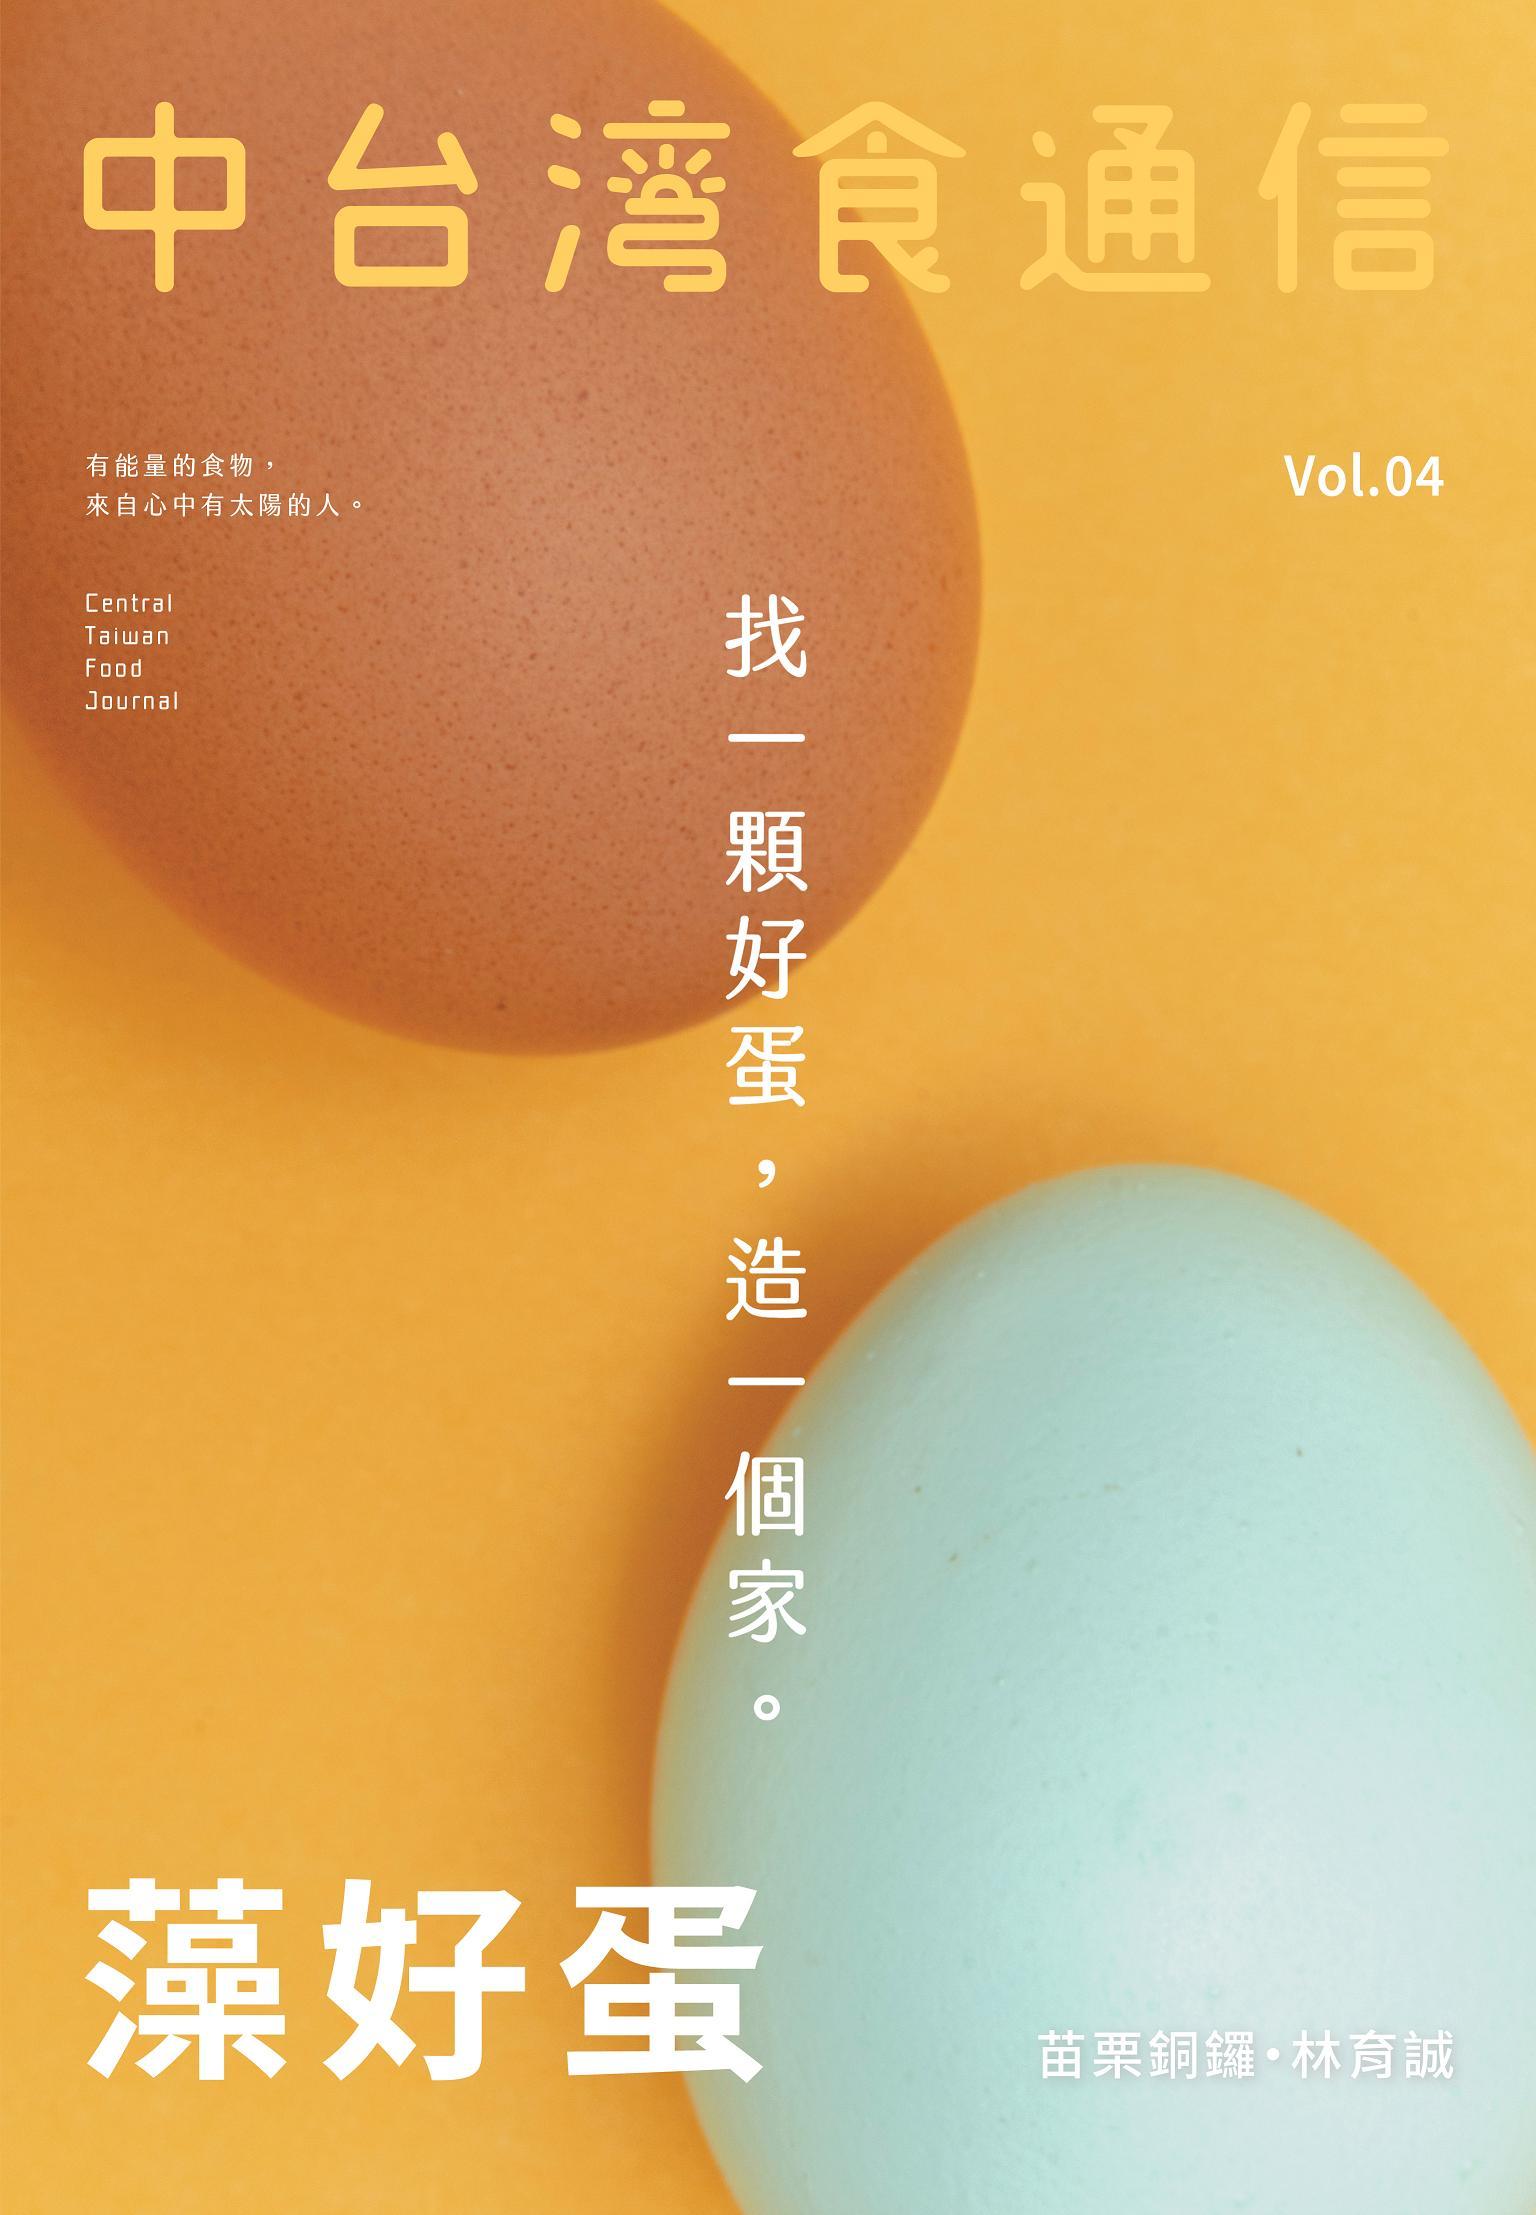 中台灣食通信 vol.4